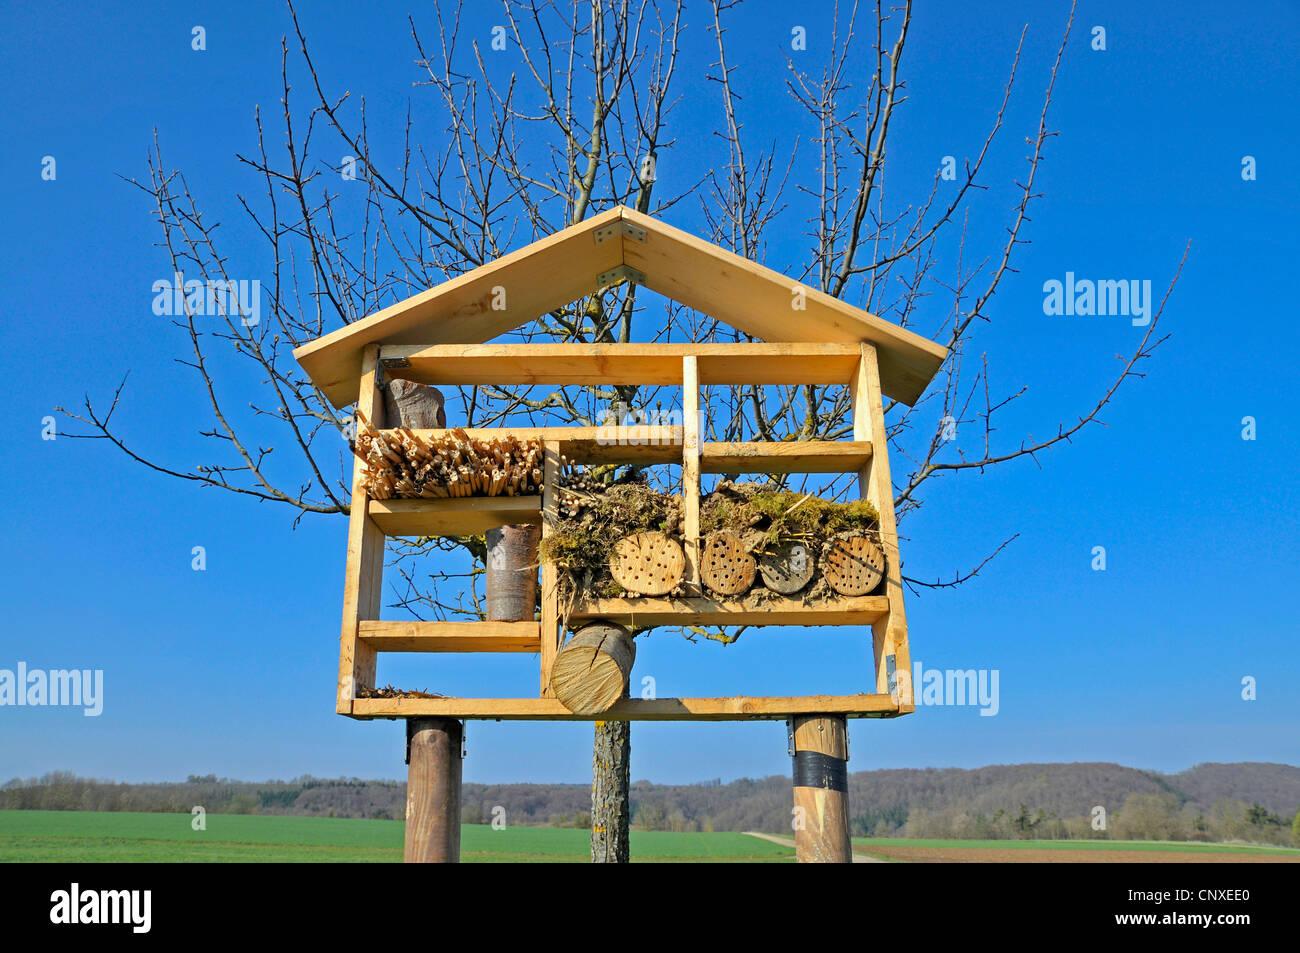 Hôtel pour insectes abeilles sauvages et autres insectes, Allemagne Photo Stock